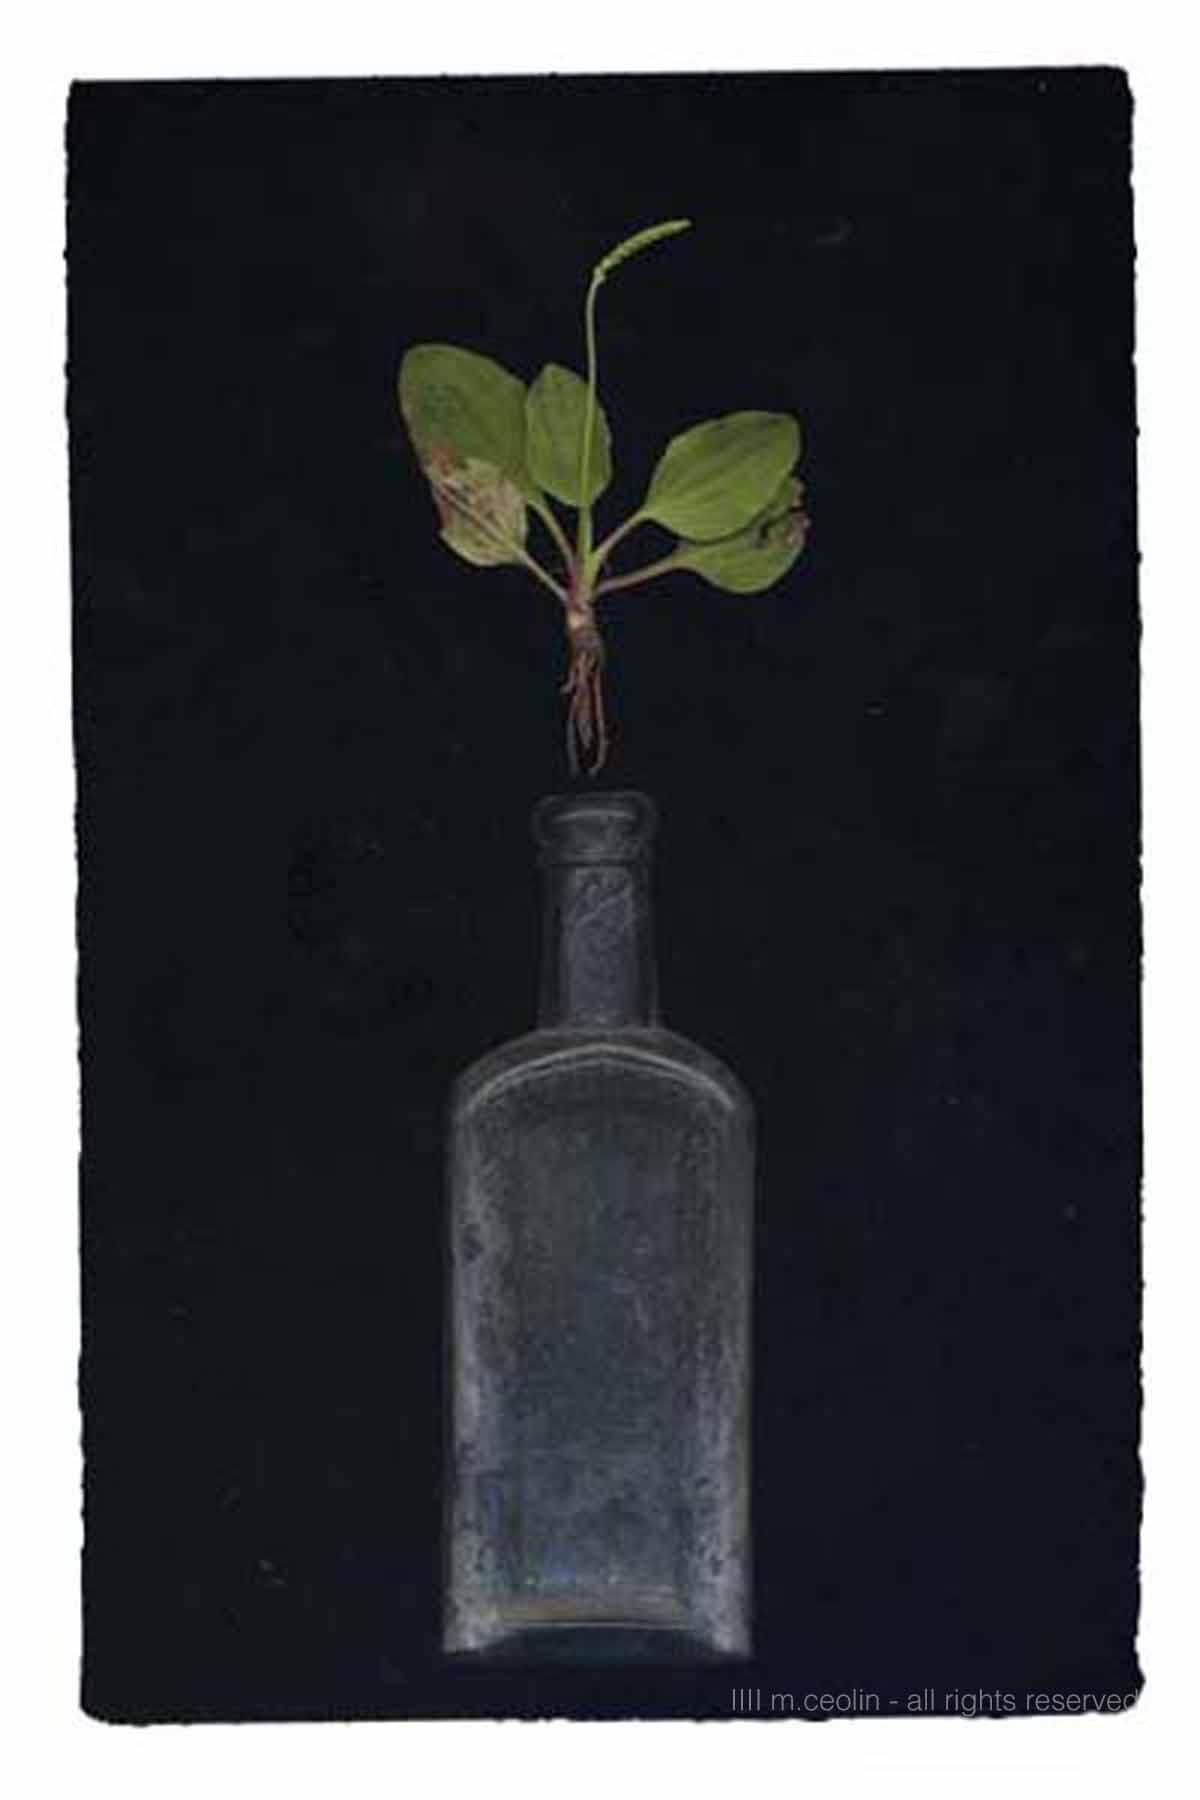 apothecairn plantain